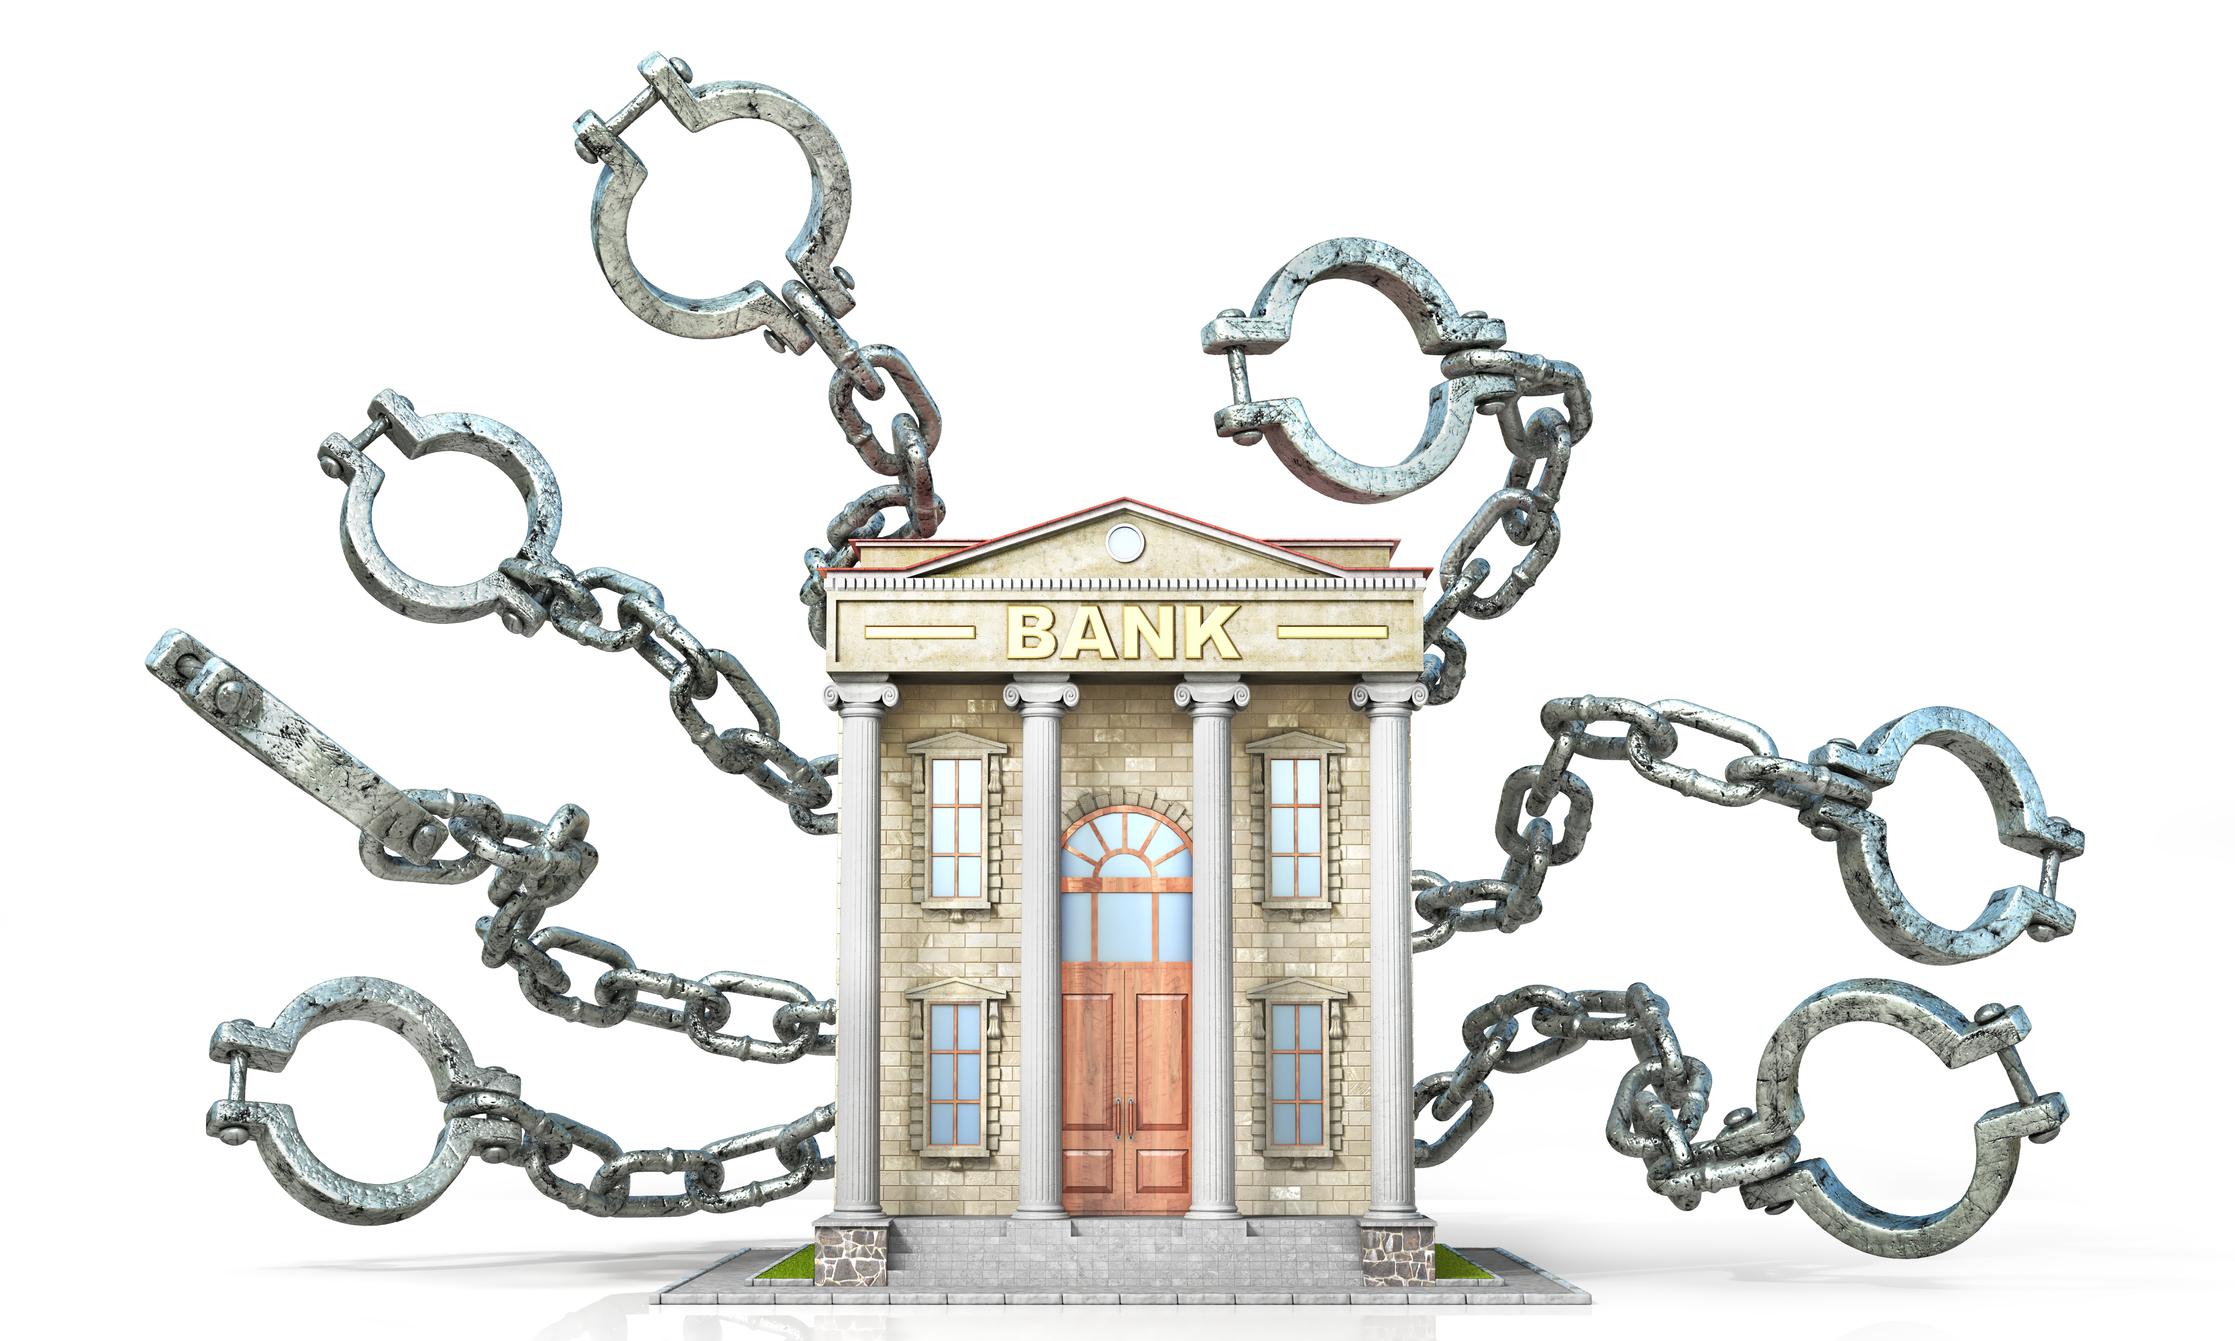 Banque avec des entraves